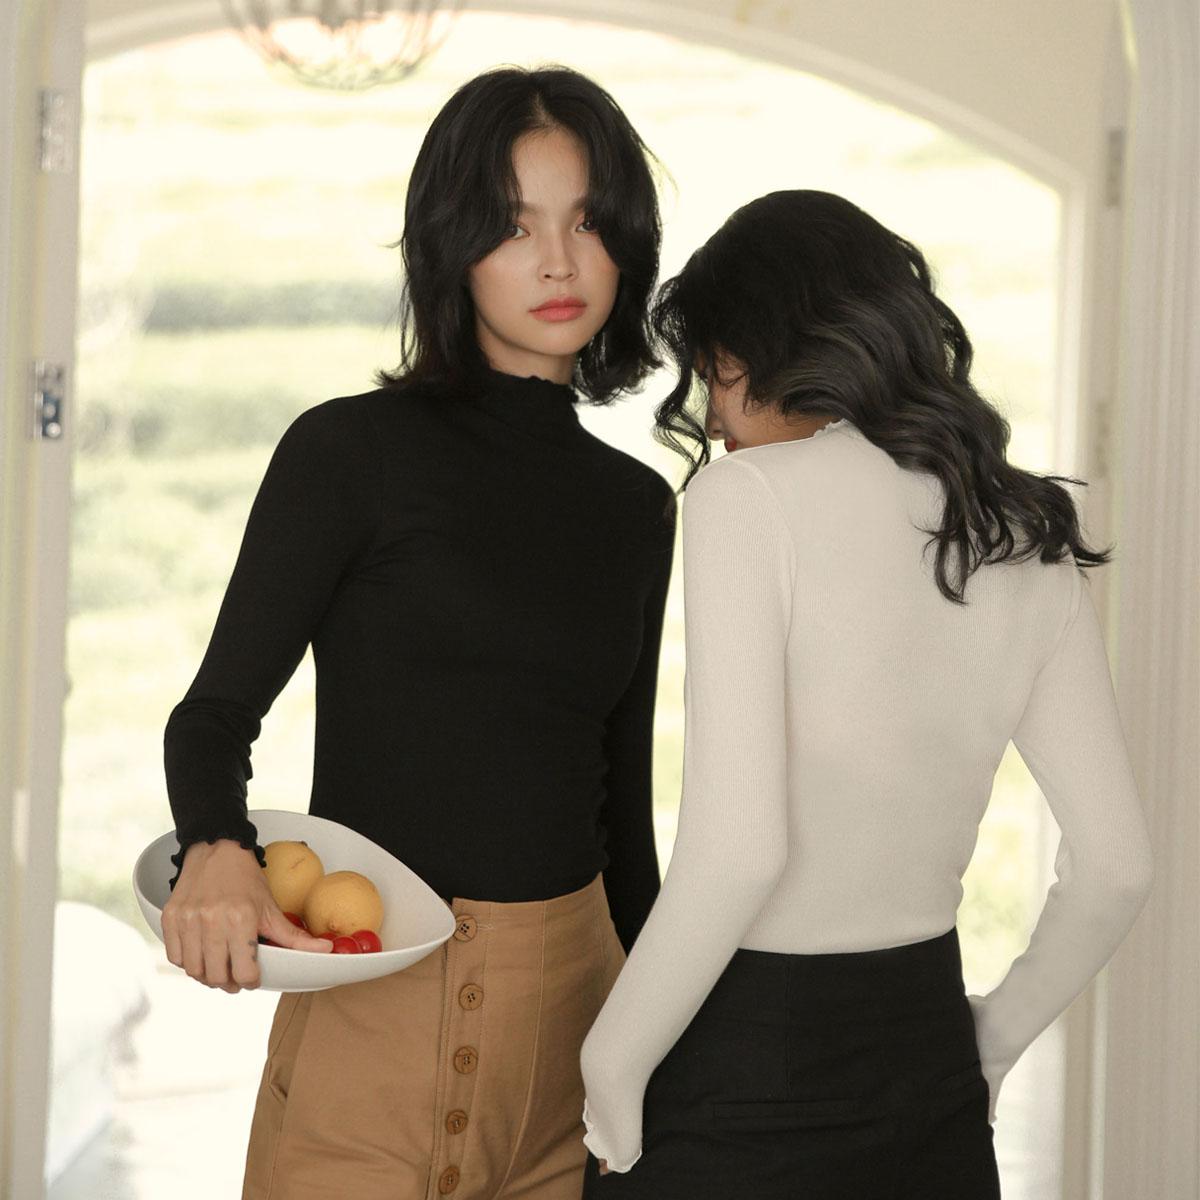 Áo lót nữ mùa xuân và mùa thu đông trung cổ áo len cotton dài tay mùa đông bó sát mùa thu áo khoác đáy áo mỏng phần - Áo ấm